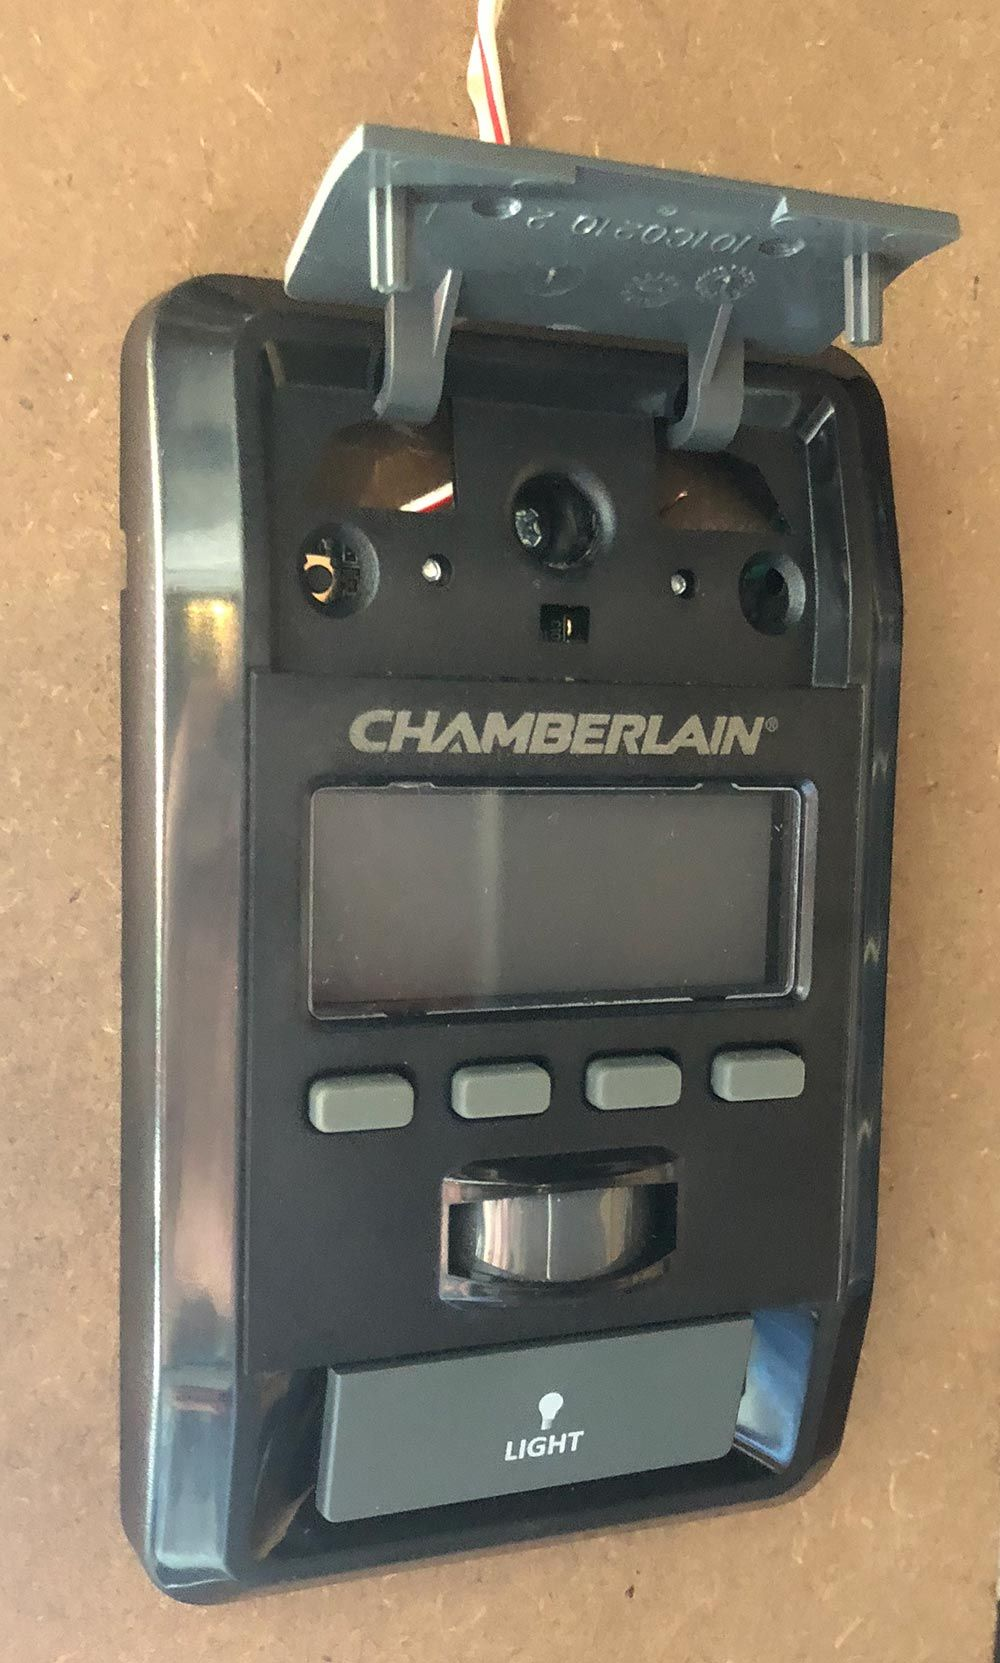 Review of Smart Garage Door Opener Chamberlain Ultimate